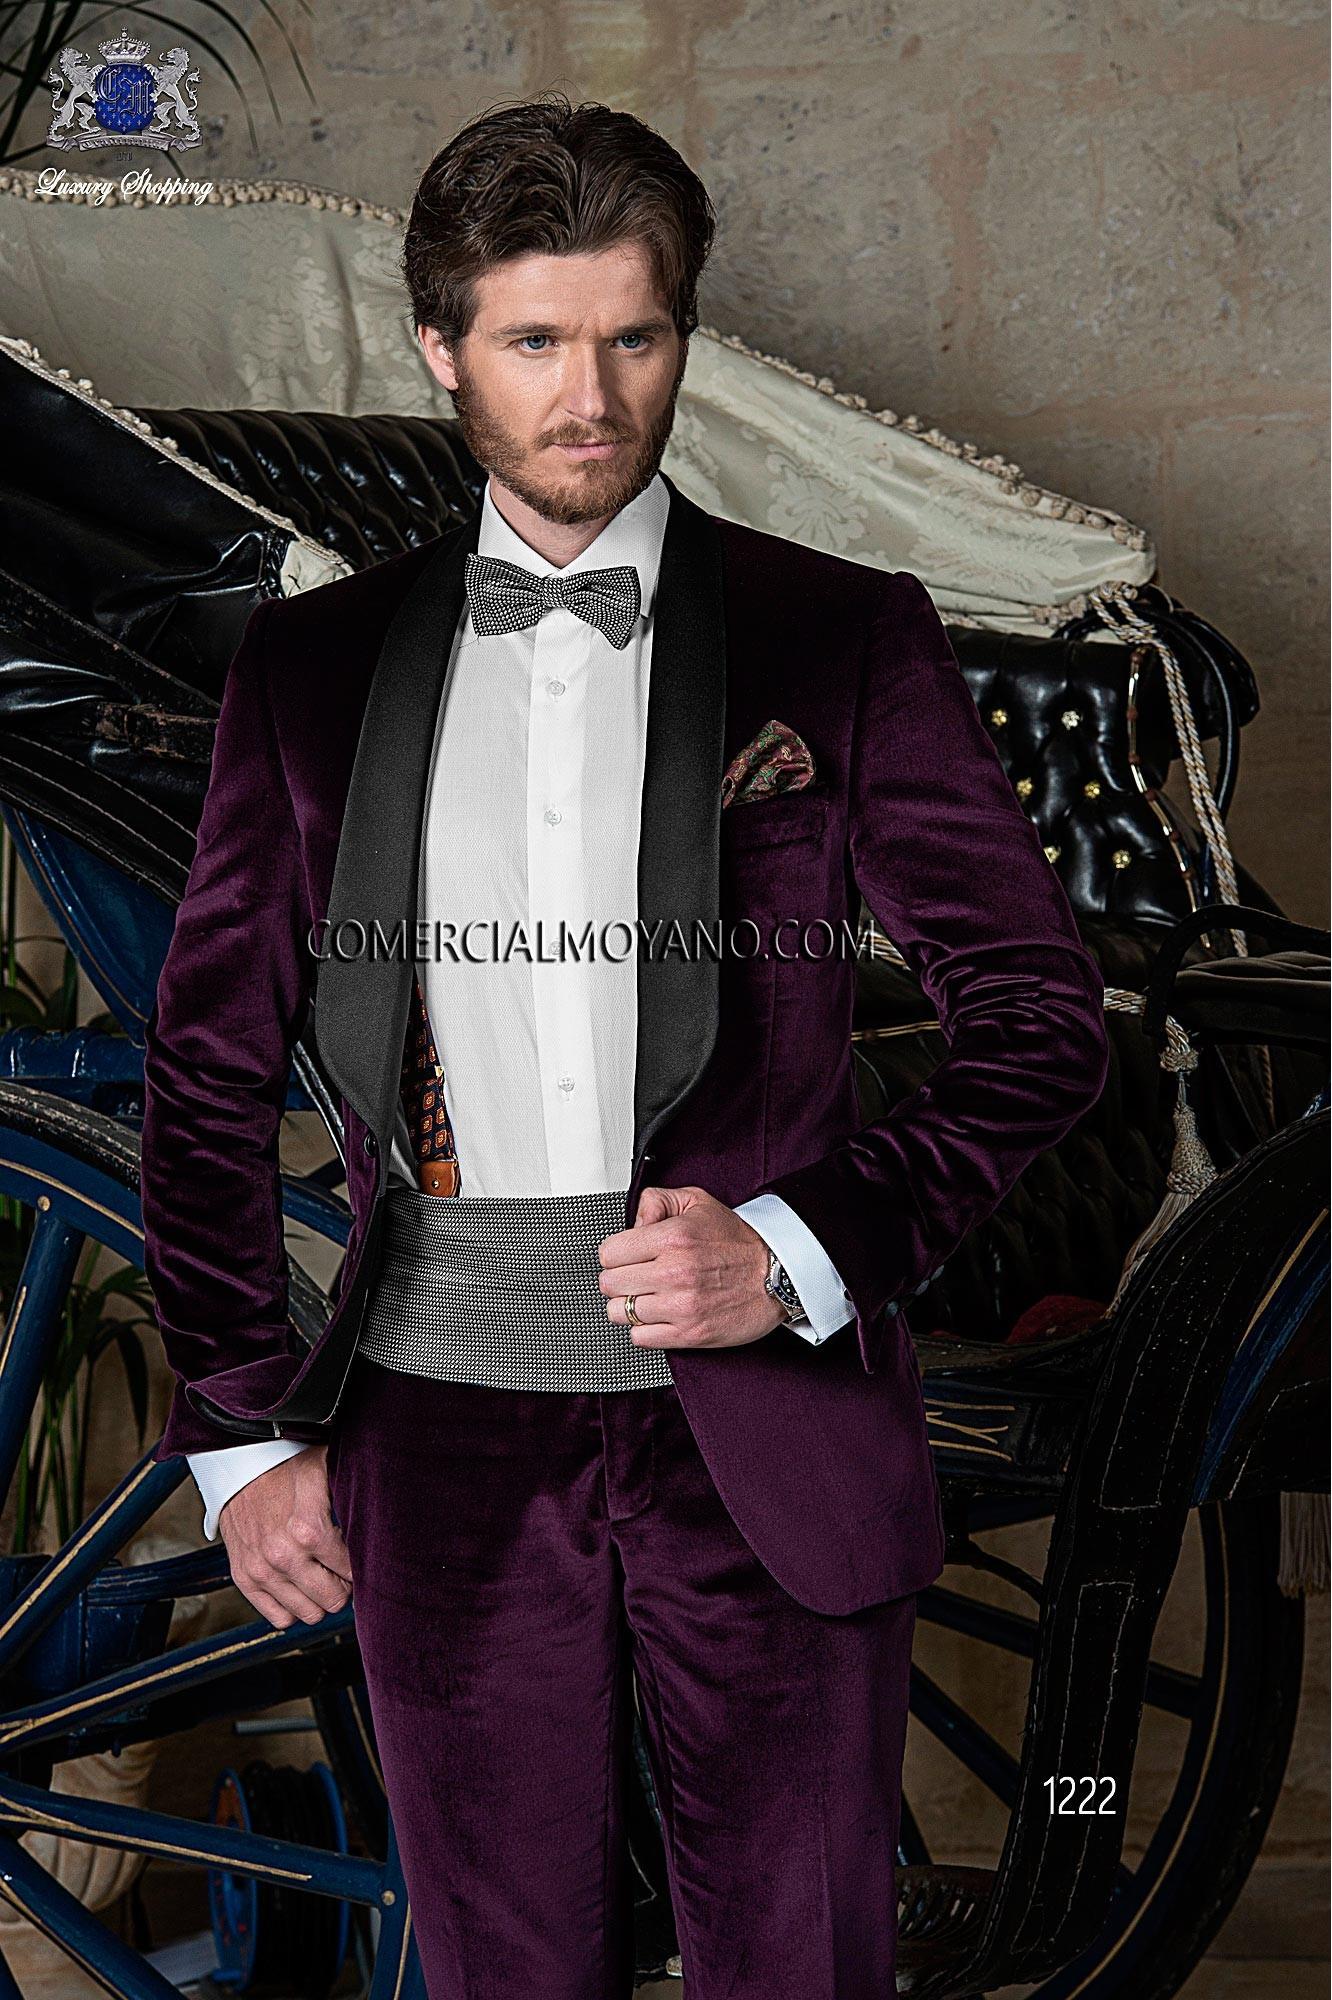 Traje de fiesta hombre morado modelo: 1222 Ottavio Nuccio Gala colección Black Tie 2017